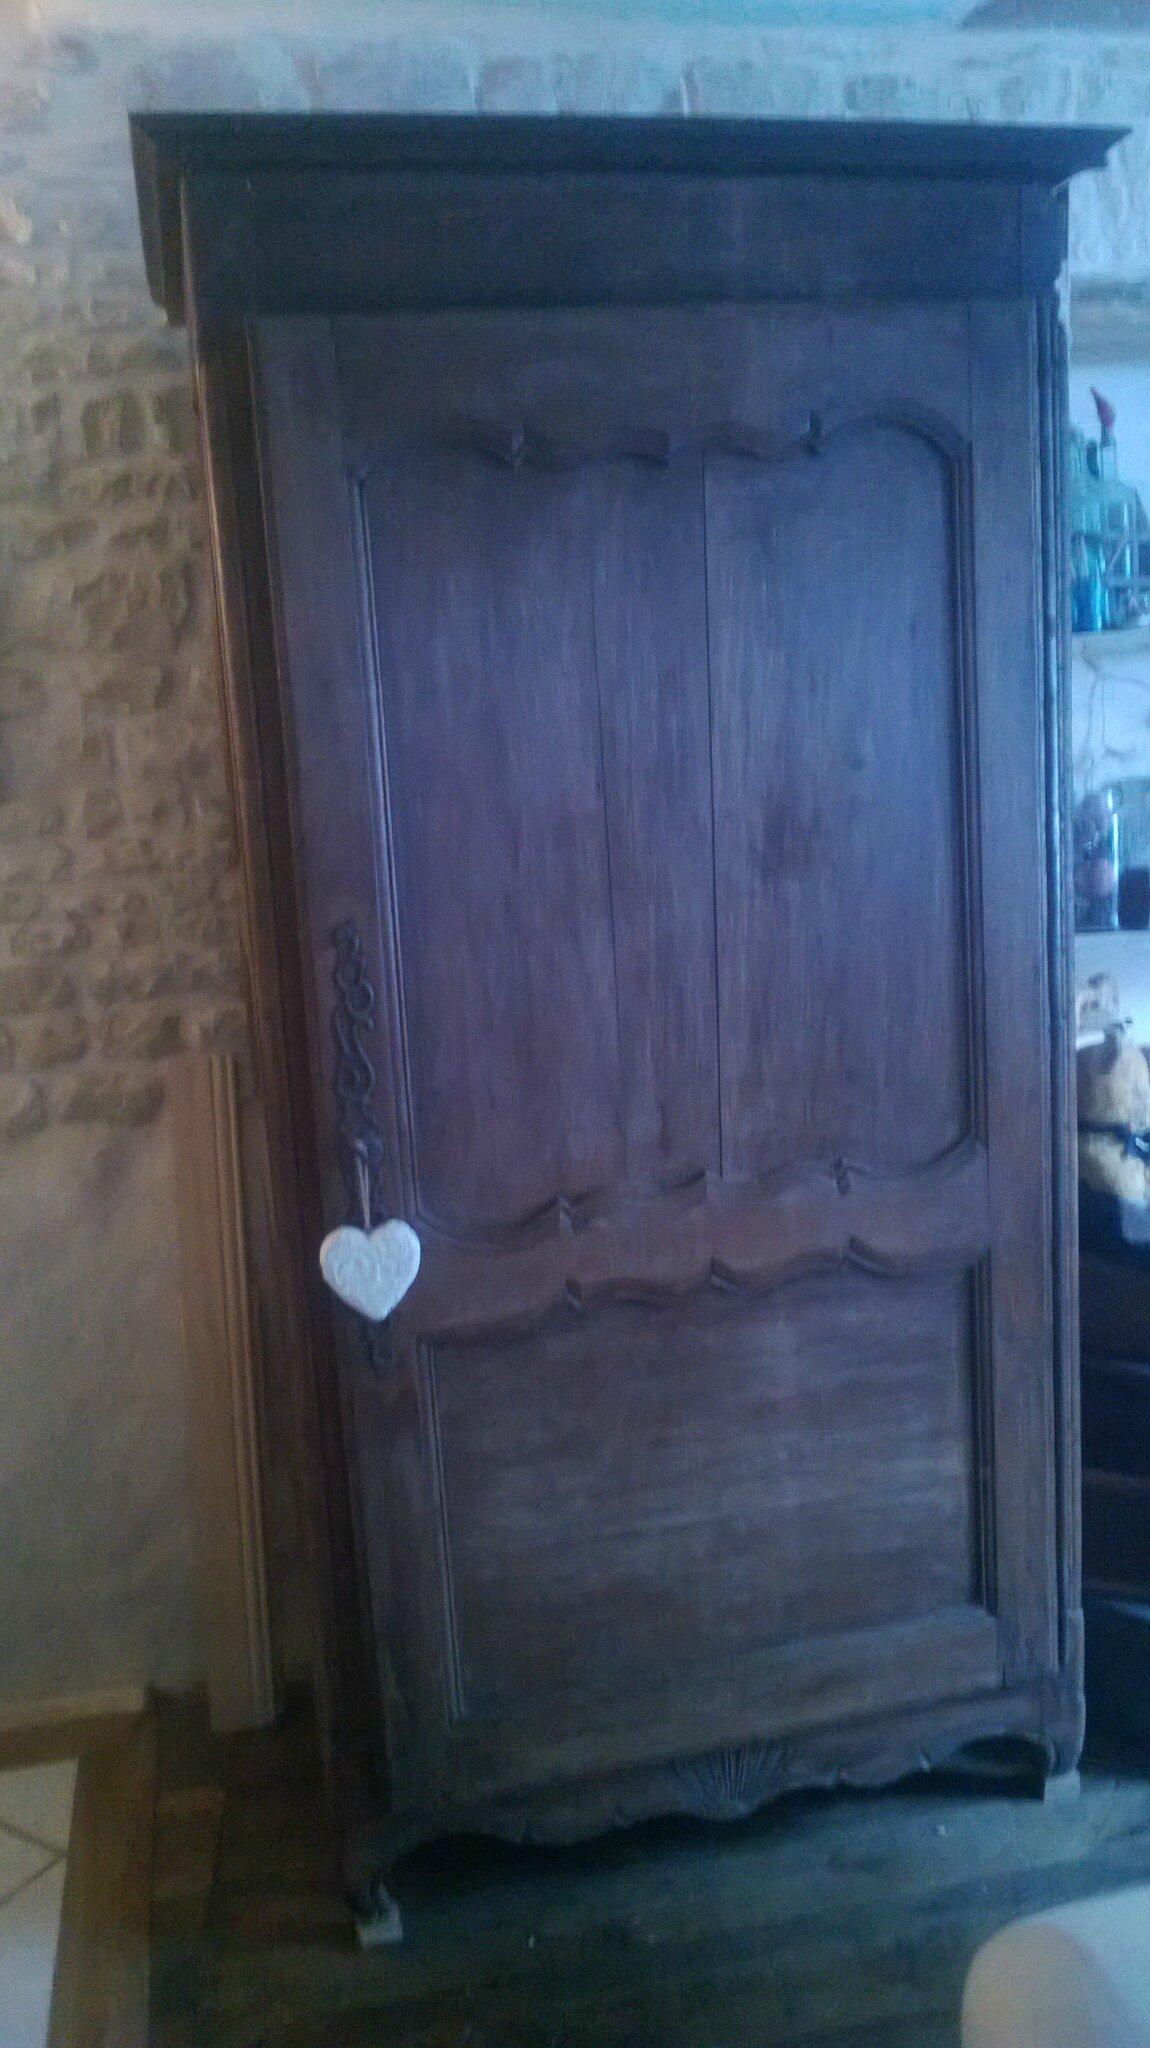 Voilà une vieille armoire ,qui soit disant était irrécupérable...